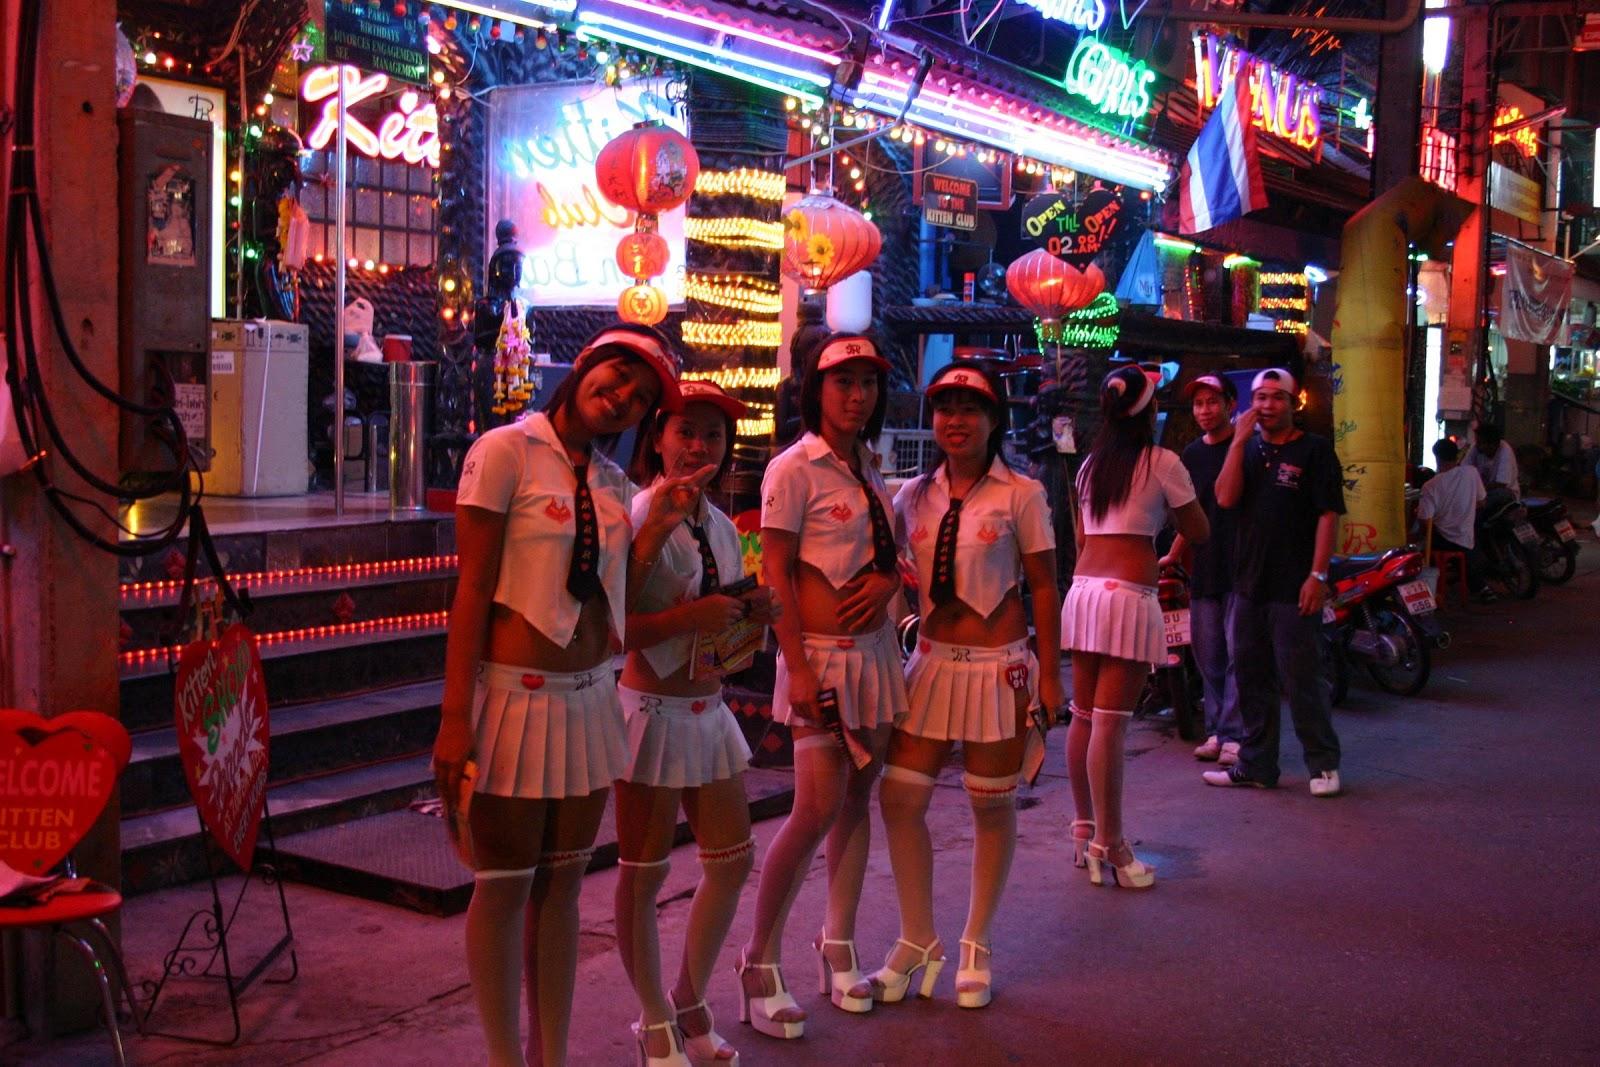 Сколько стоят проститутки во вьетнаме